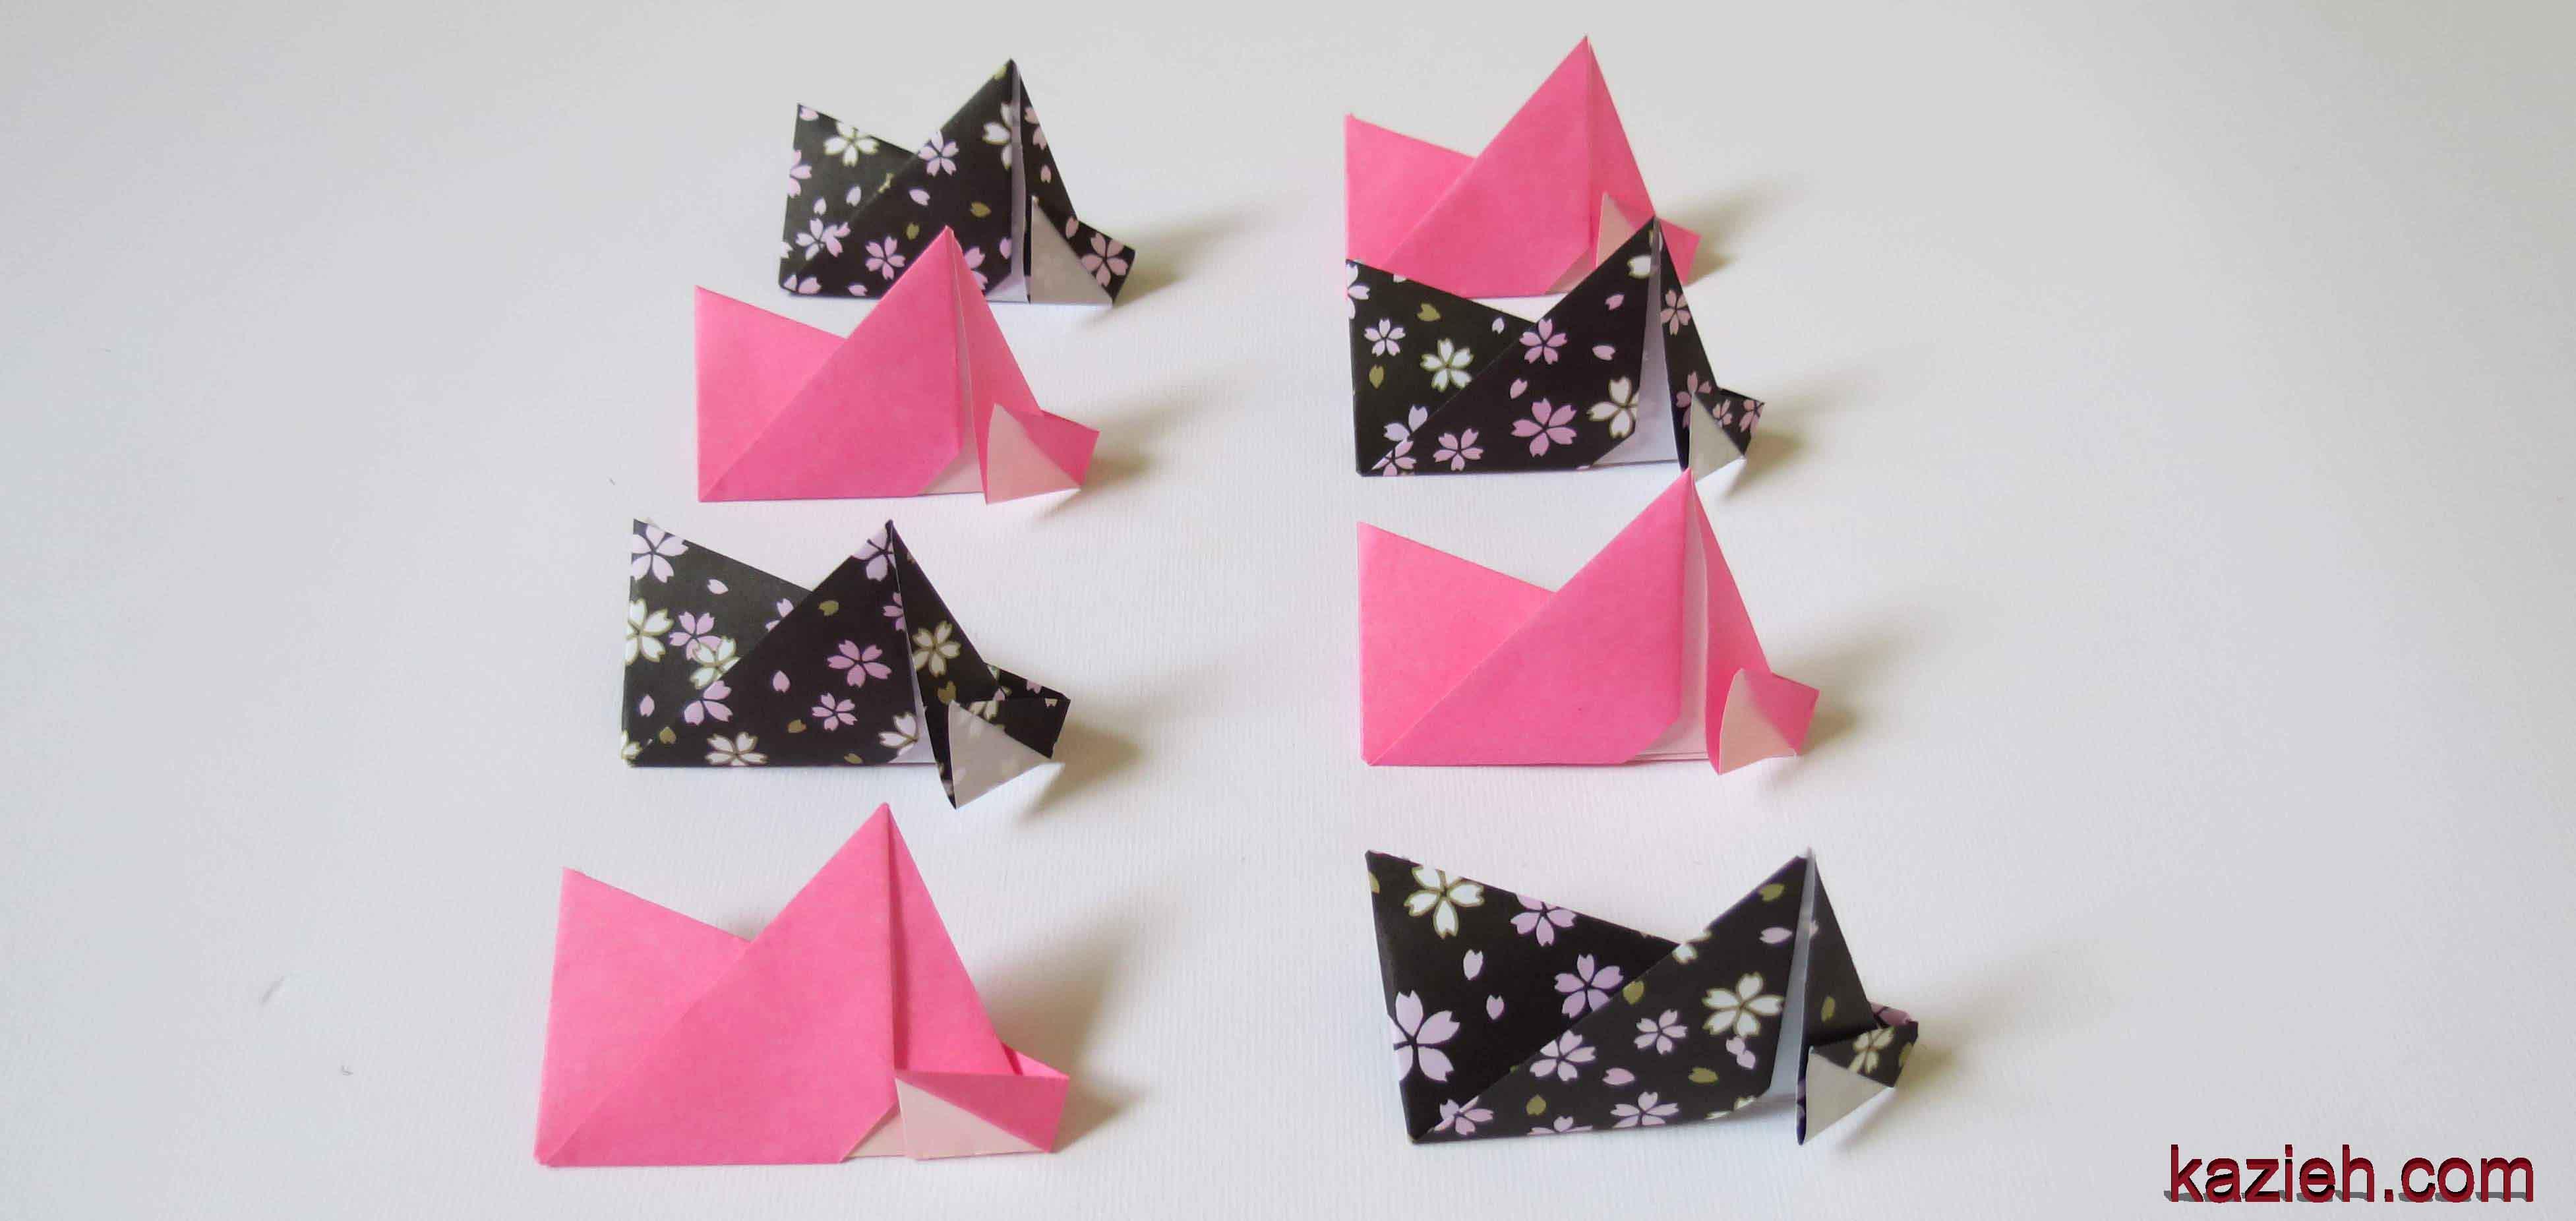 آموزش ستاره اوریگامی رابین- کازیه